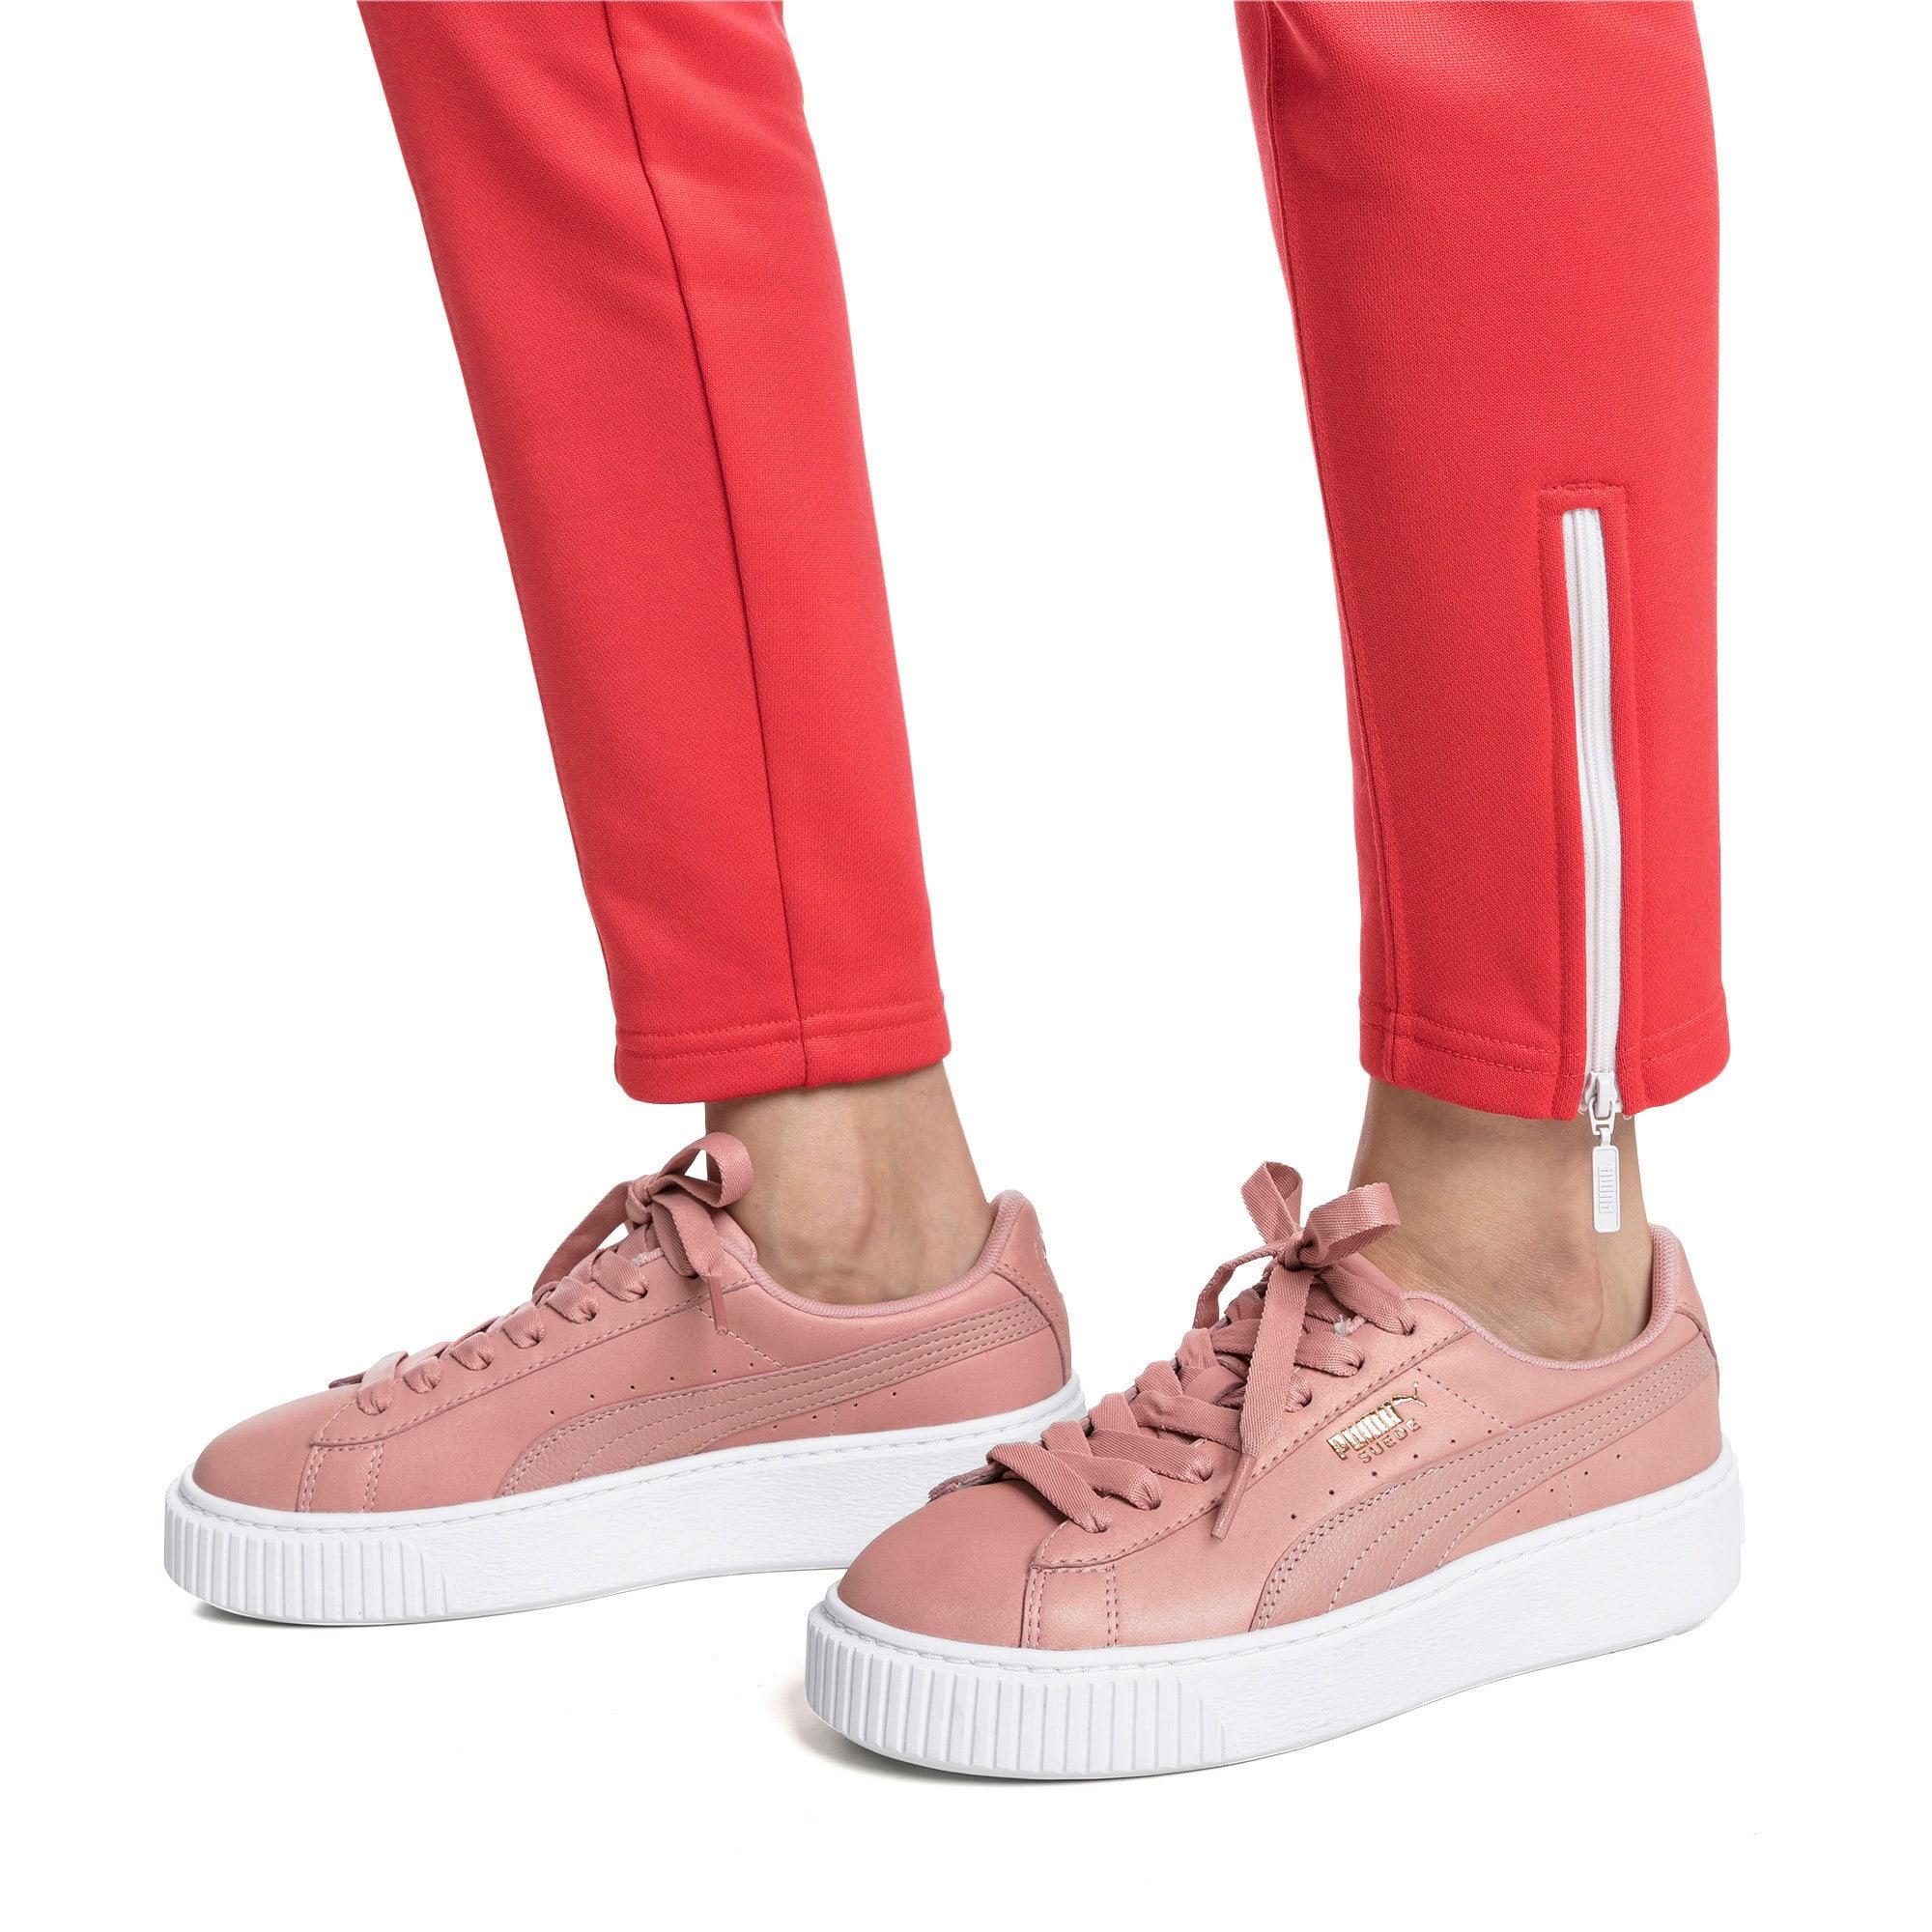 Miniatura 2 de Zapatos deportivos Suede con brillo y plataforma para mujer, Bridal Rose-Puma White, mediano